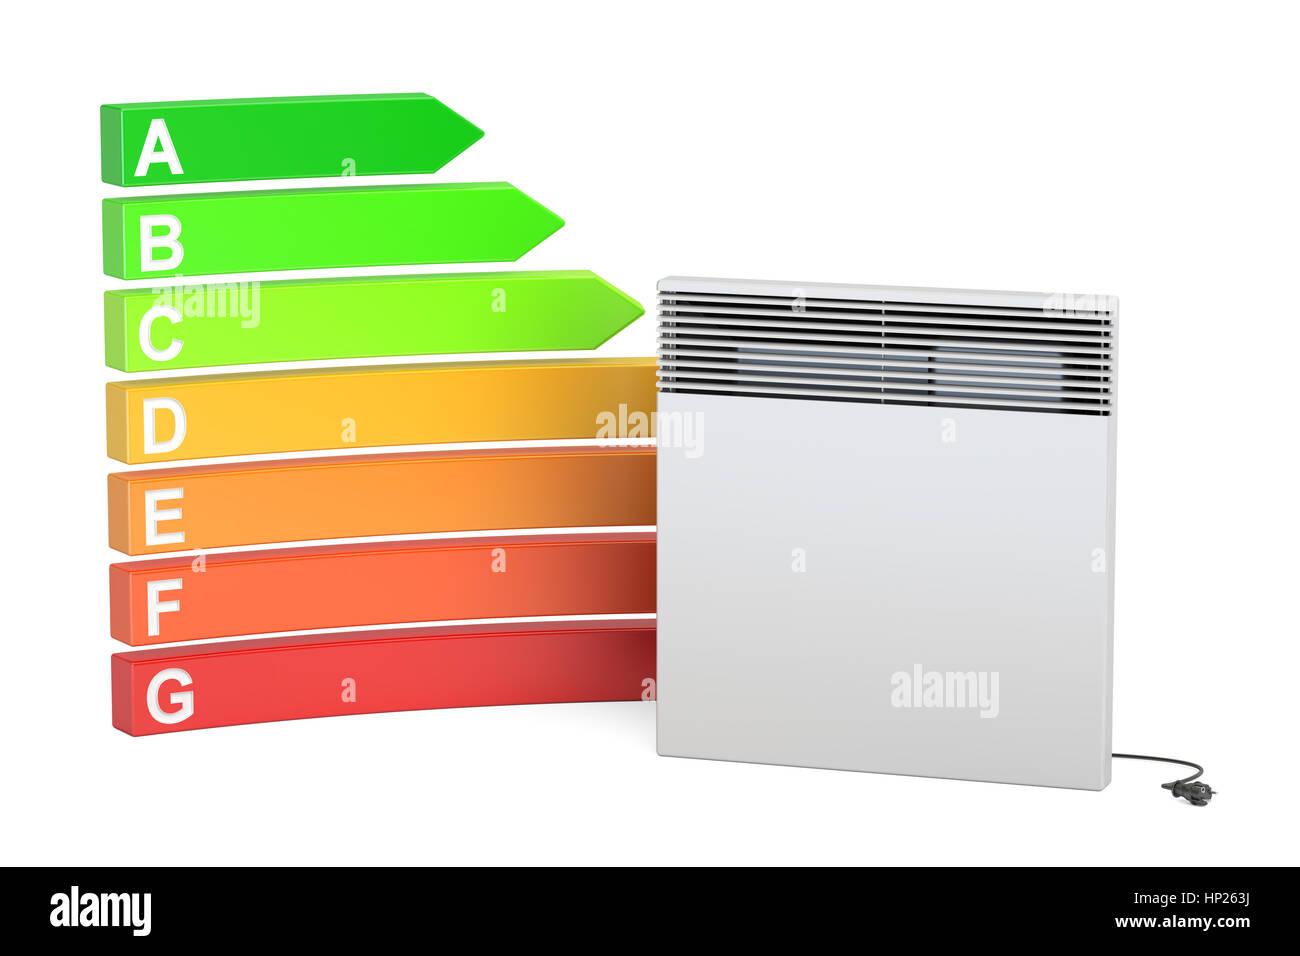 Sparen Energie-Verbrauch-Konzept. Energie-Effizienz-Diagramm mit ...